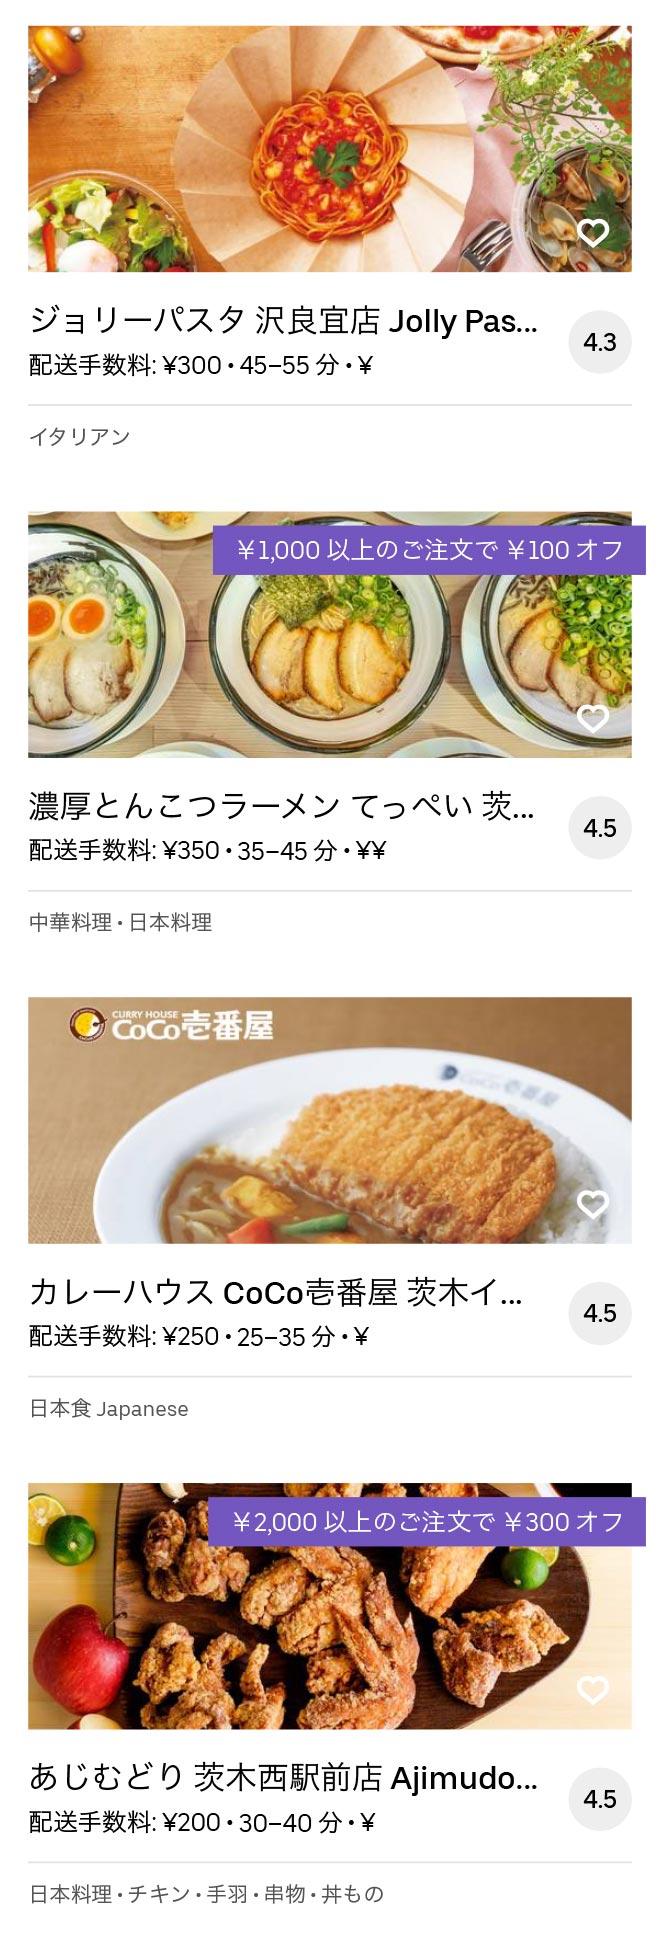 Ibaraki shi menu 2008 02